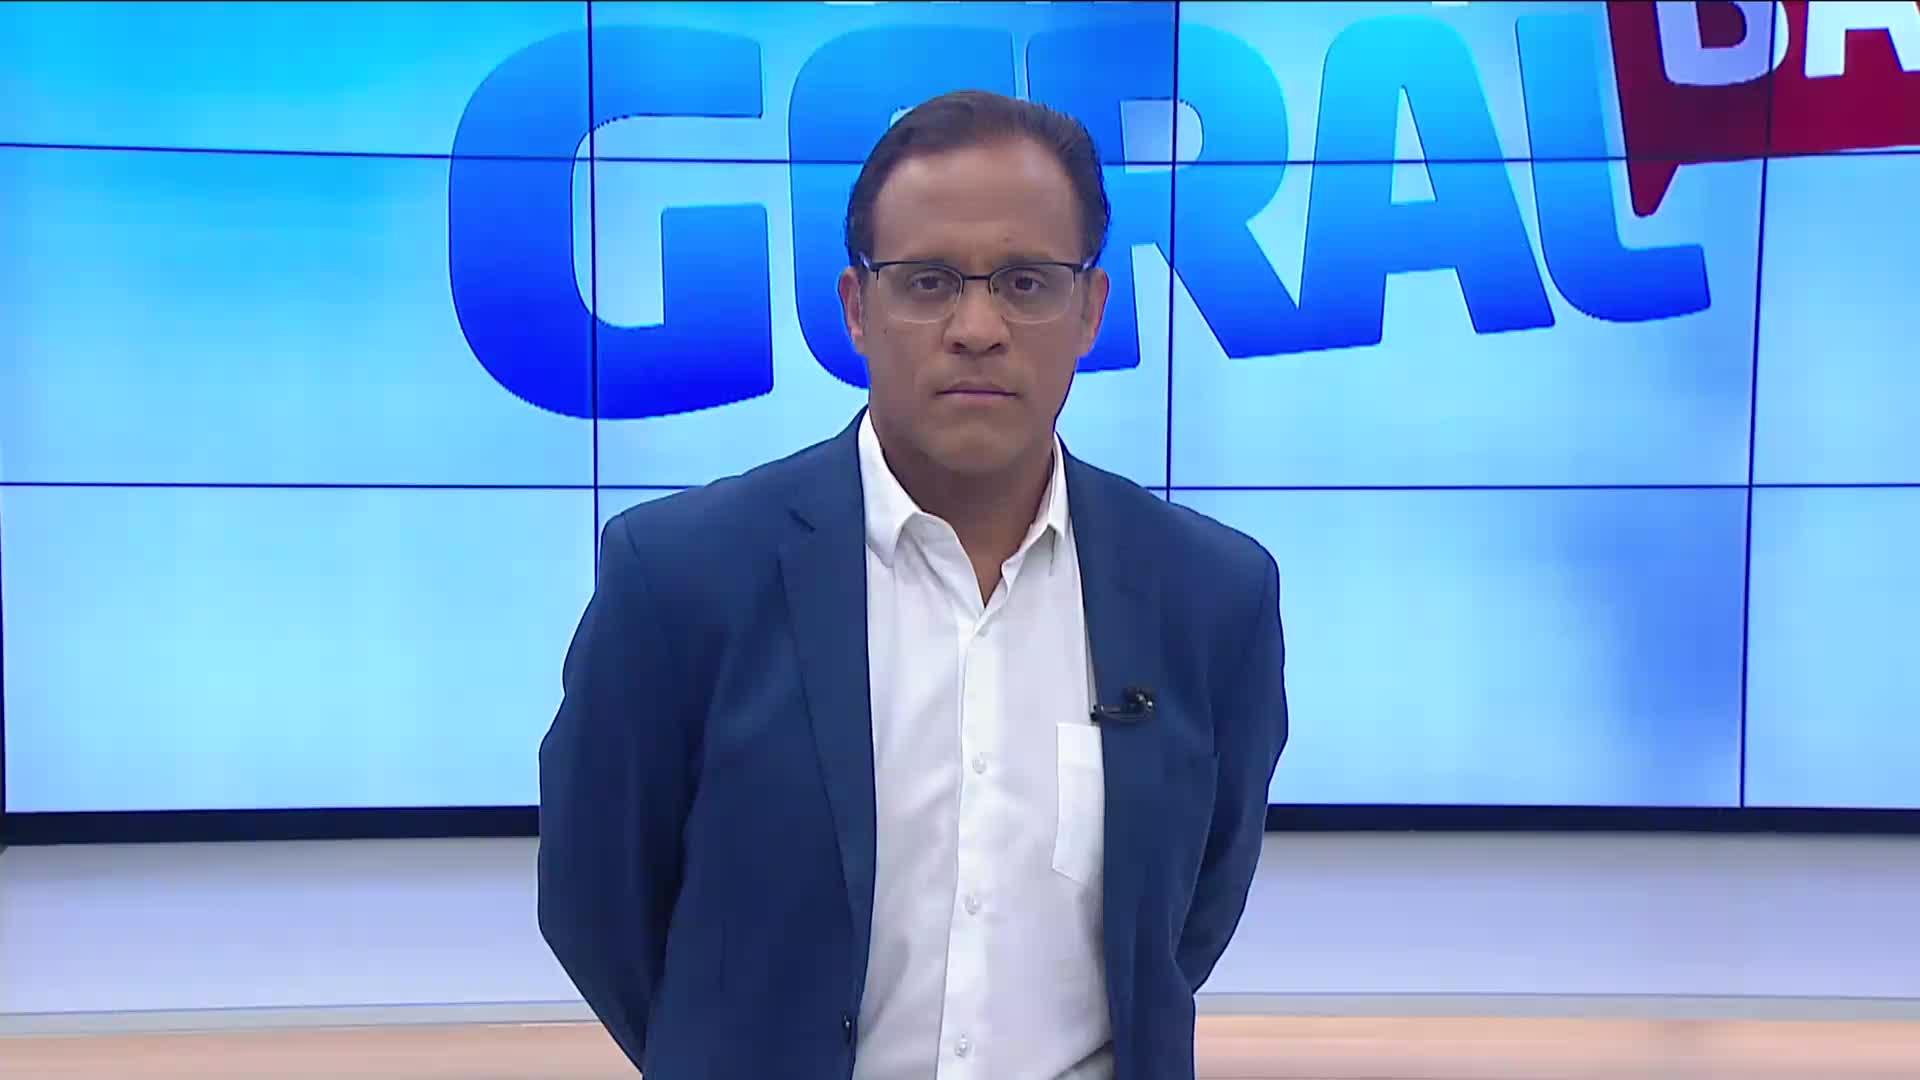 PT entra com ação no TSE contra o PSL por propagar fake news